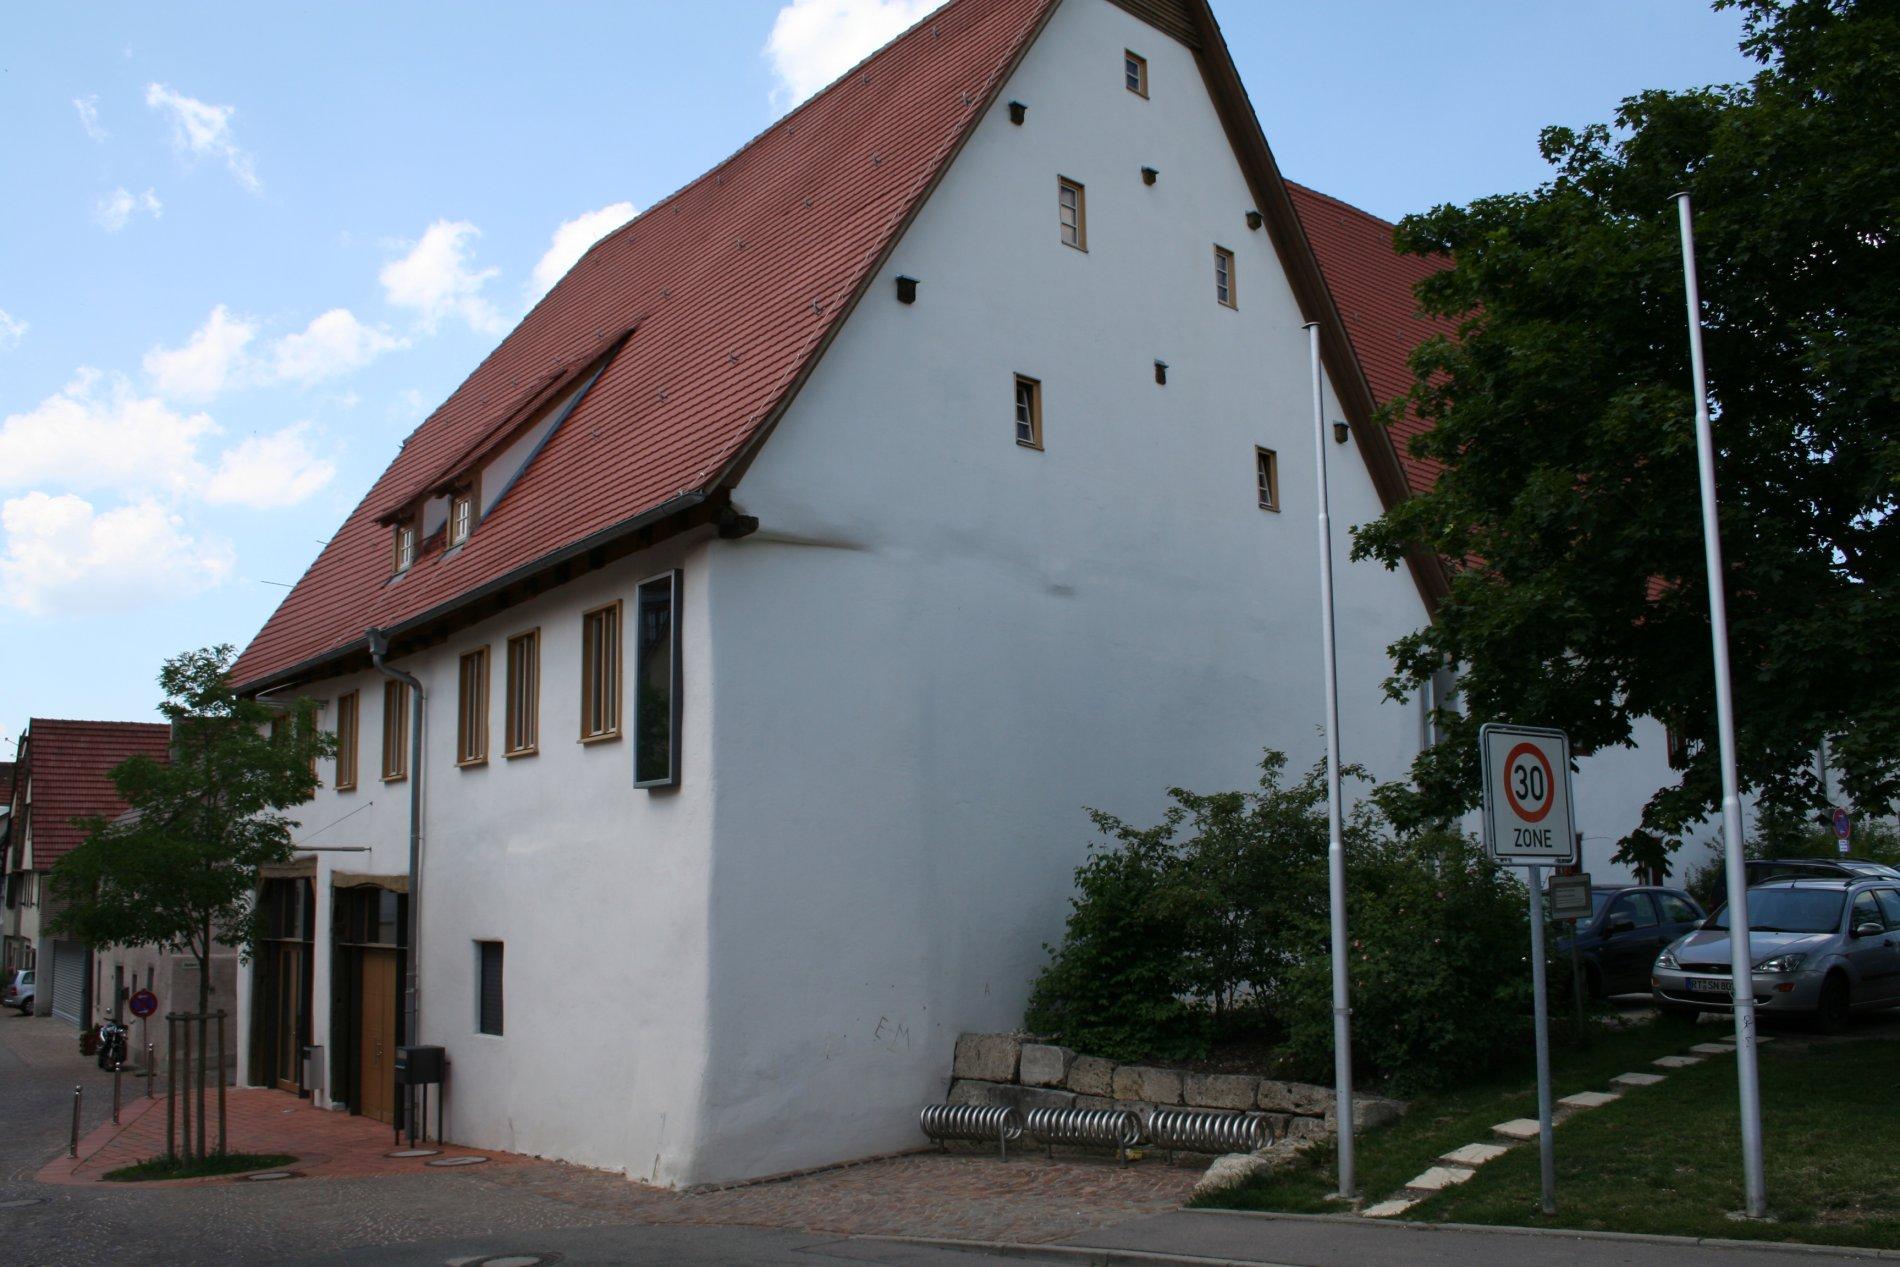 Historisches Gebäude, vor dem Eingang steht ein Baum